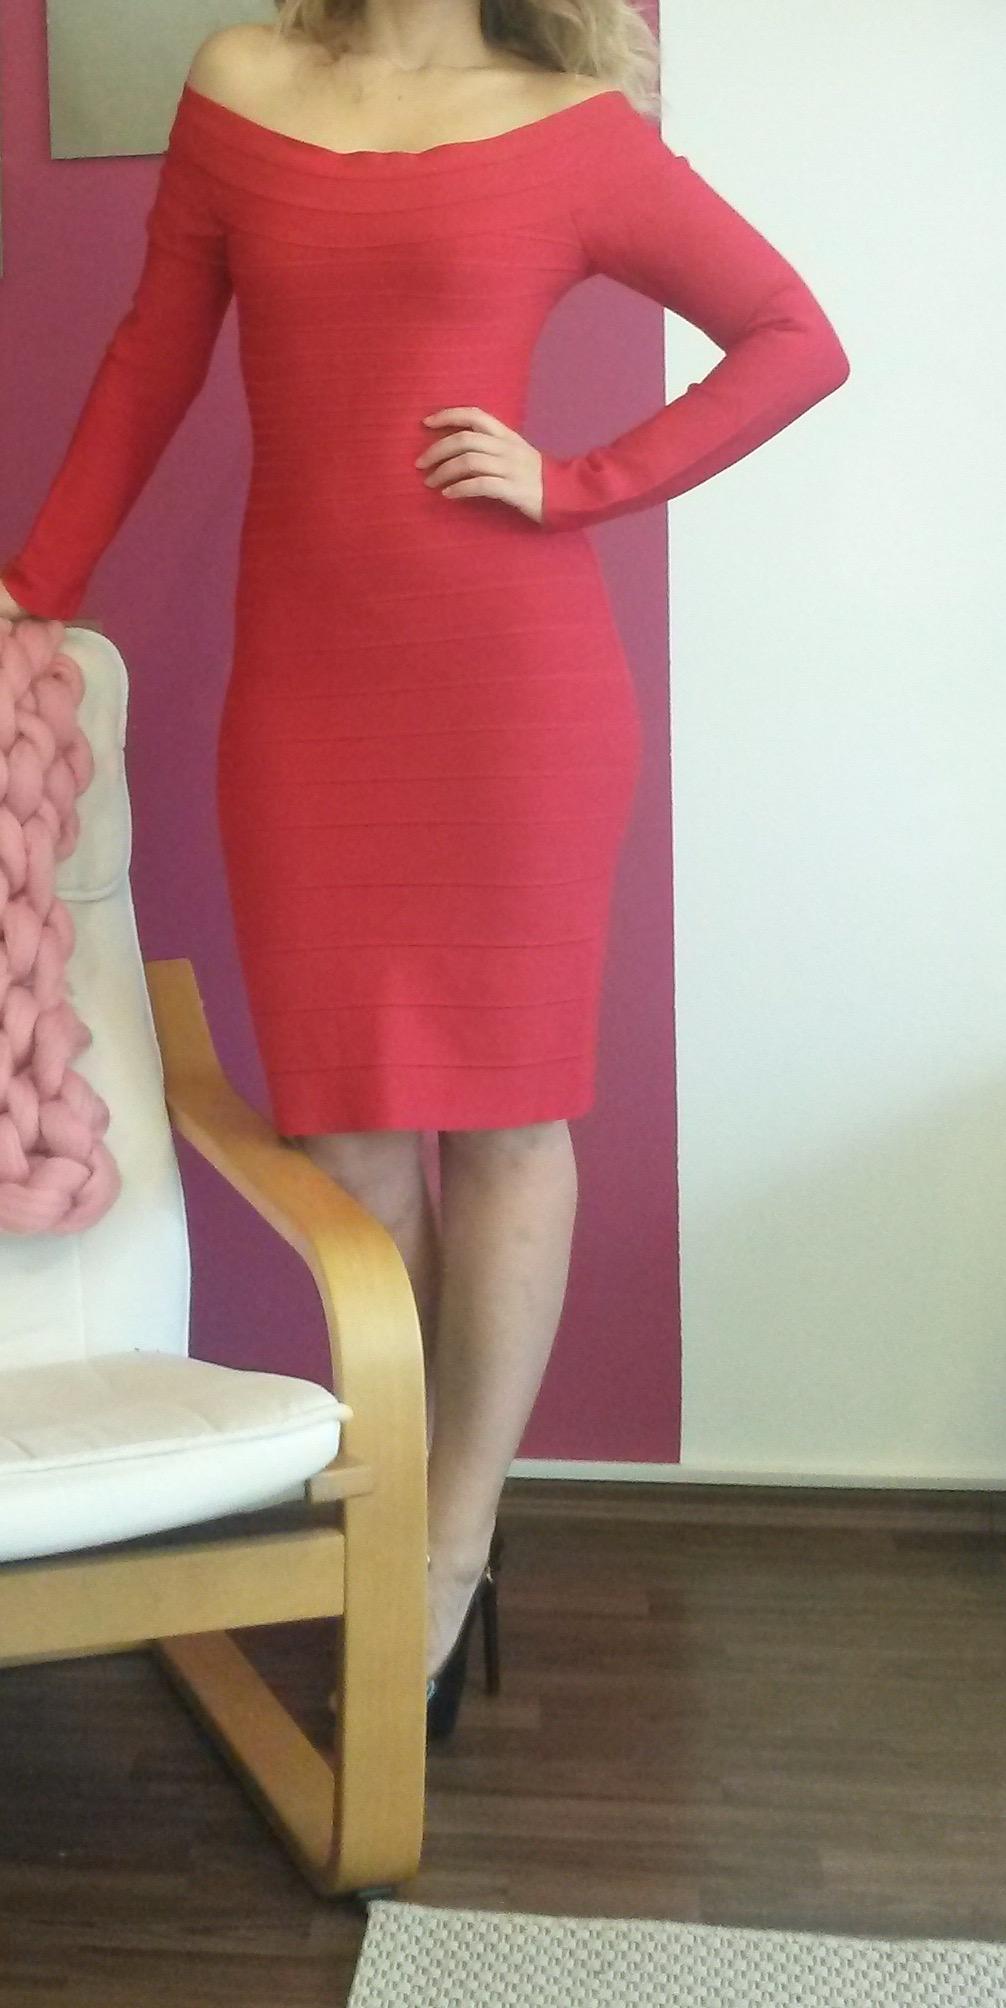 214d91255 Ponúkam na predaj krásne bandážové šaty-velkosť S-M. Zvýrazňujú siluetu a  tvarujú postavu. V prípade záujmu ma prosím neváhajte kontaktovať.